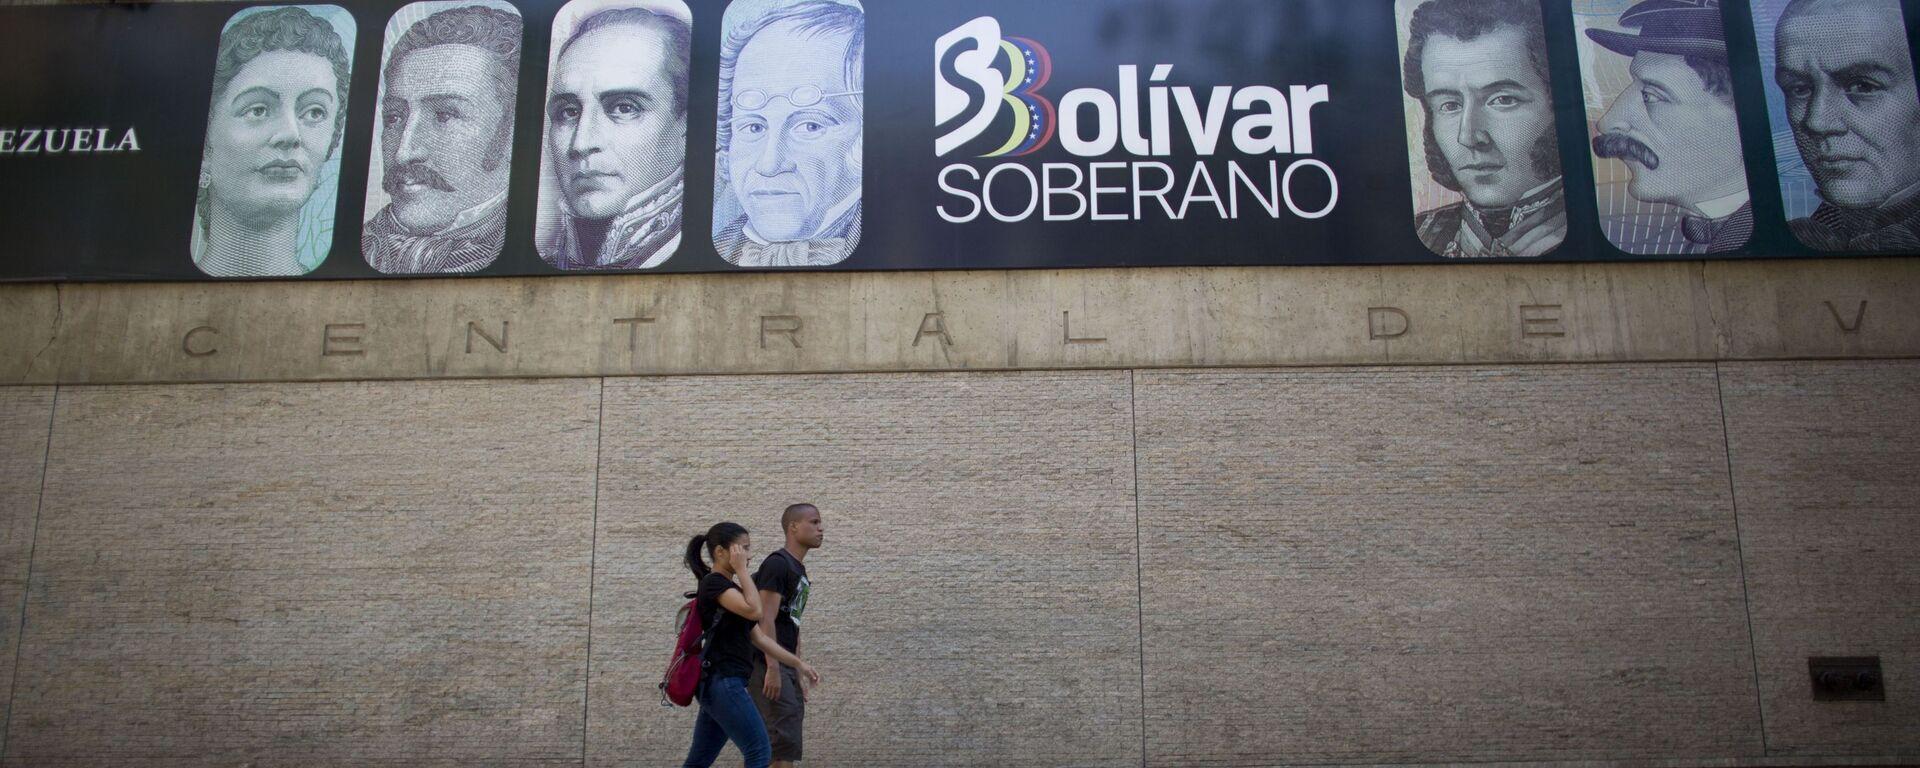 La fachada del Banco Central de Venezuela - Sputnik Mundo, 1920, 07.09.2021